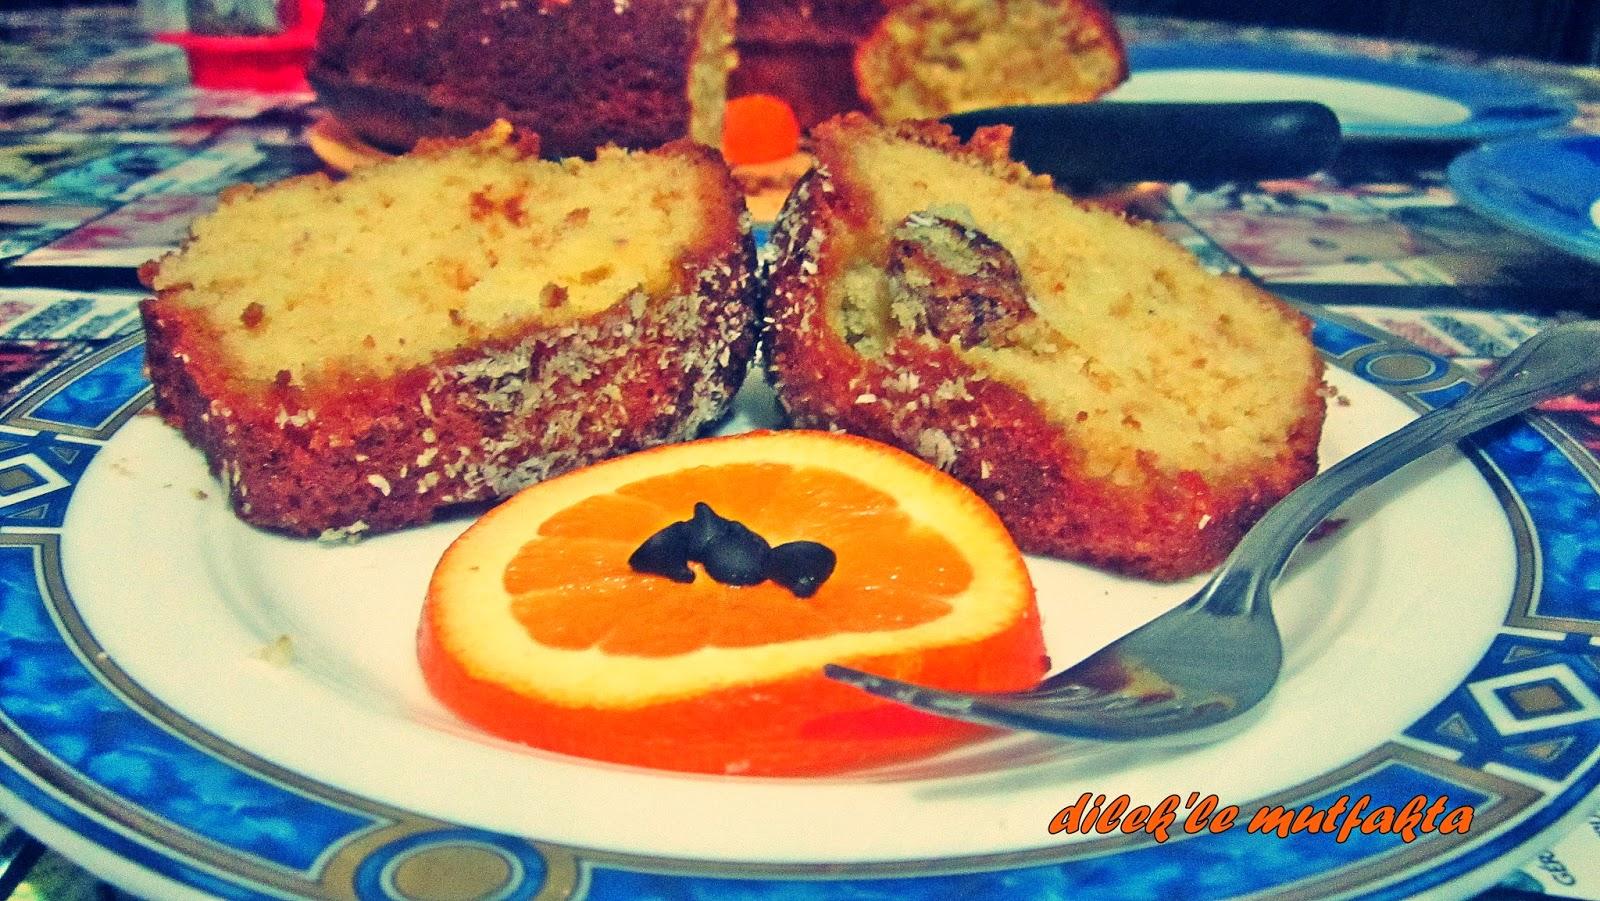 Portakallı Kuru Meyveli Kek